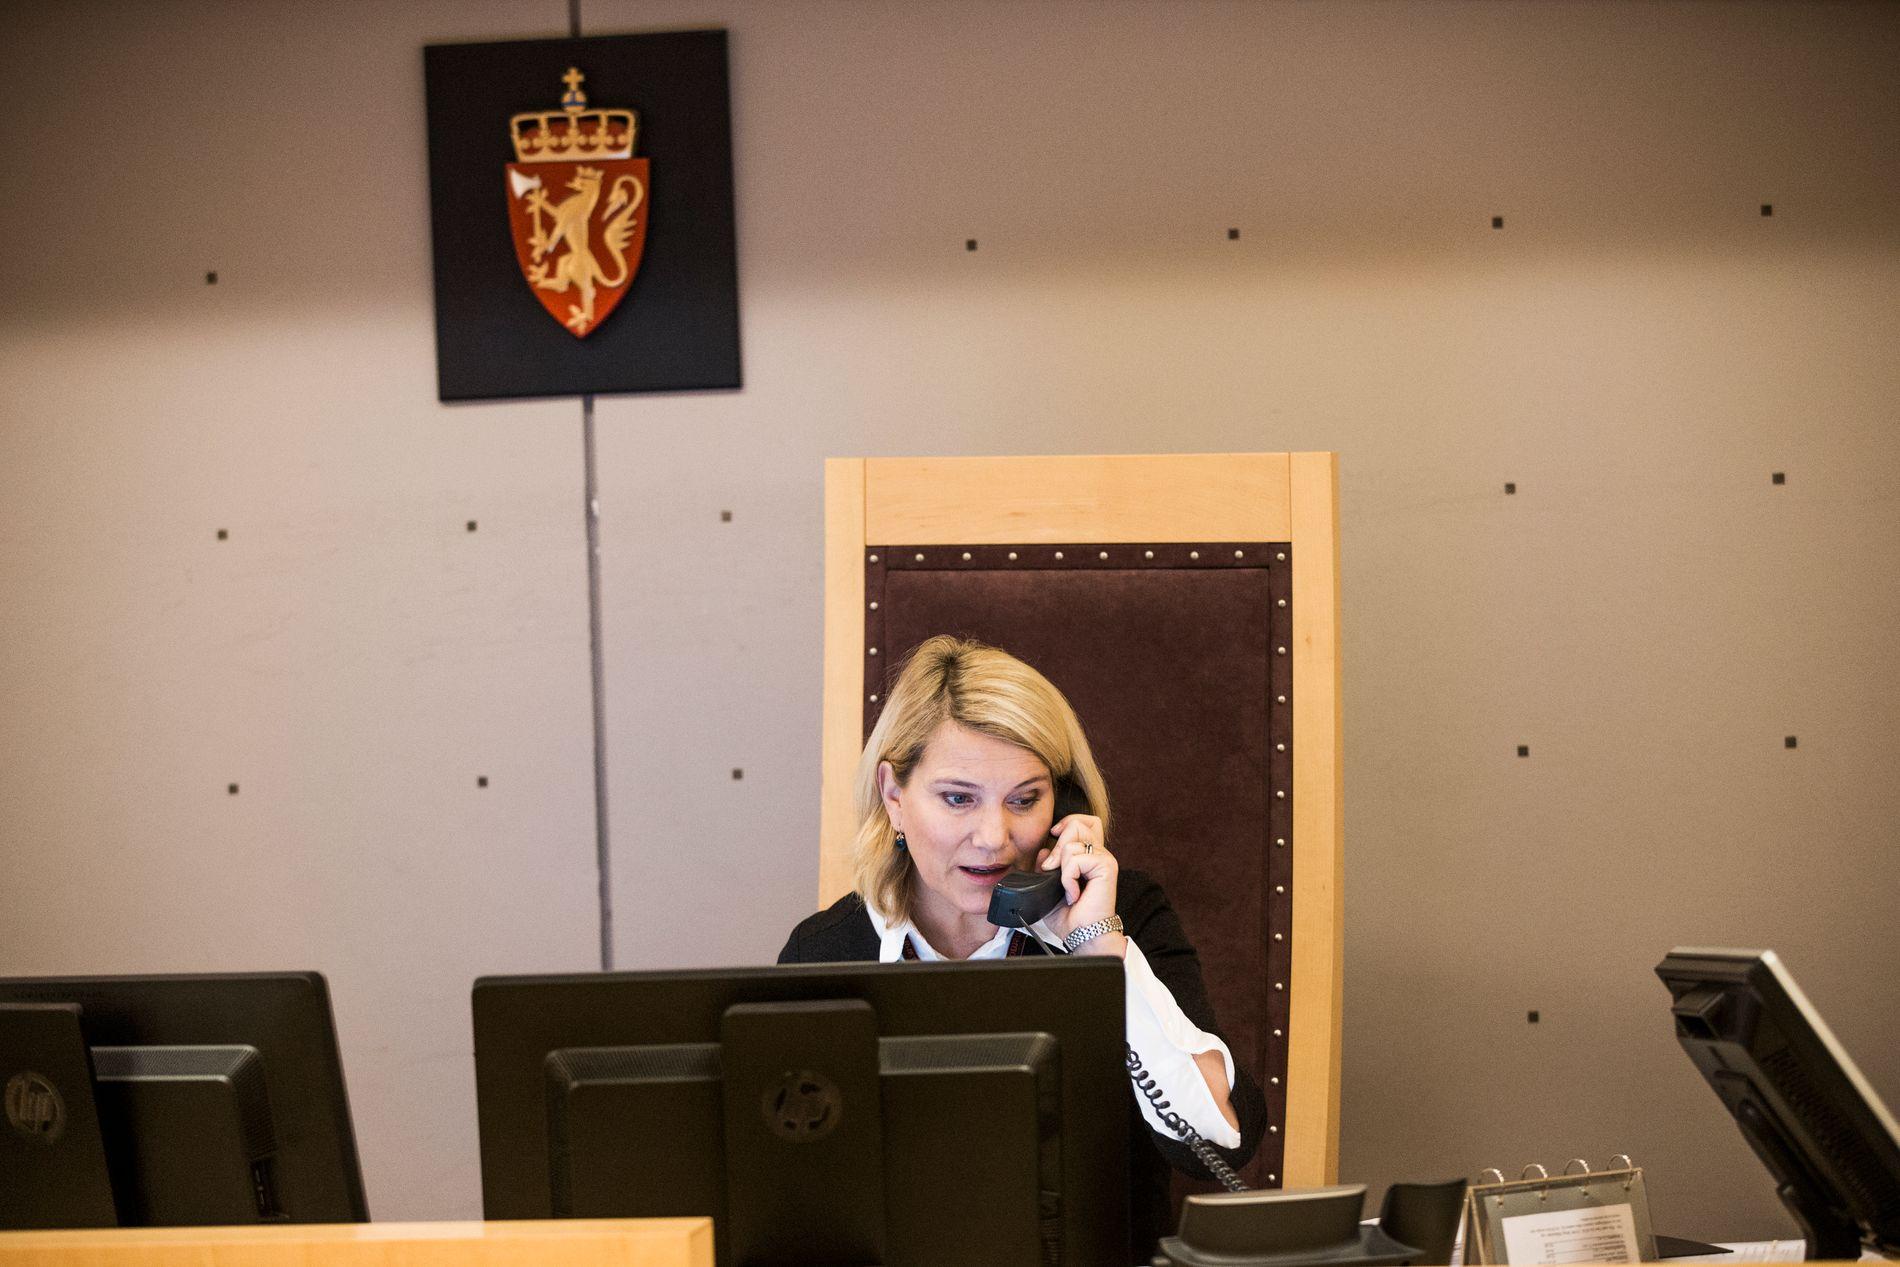 TINGRETTSDOMMER: Anne Margrete Katteland (49) sier at det ikke slo henne at kjennskapet til et medlem i Oppsal Idrettsforening kunne ha betydning for vurderingen av hennes habilitet. Her er hun fotografert under et fengslingsmøte for Mulla Krekar i Oslo tingrett i desember i fjor.